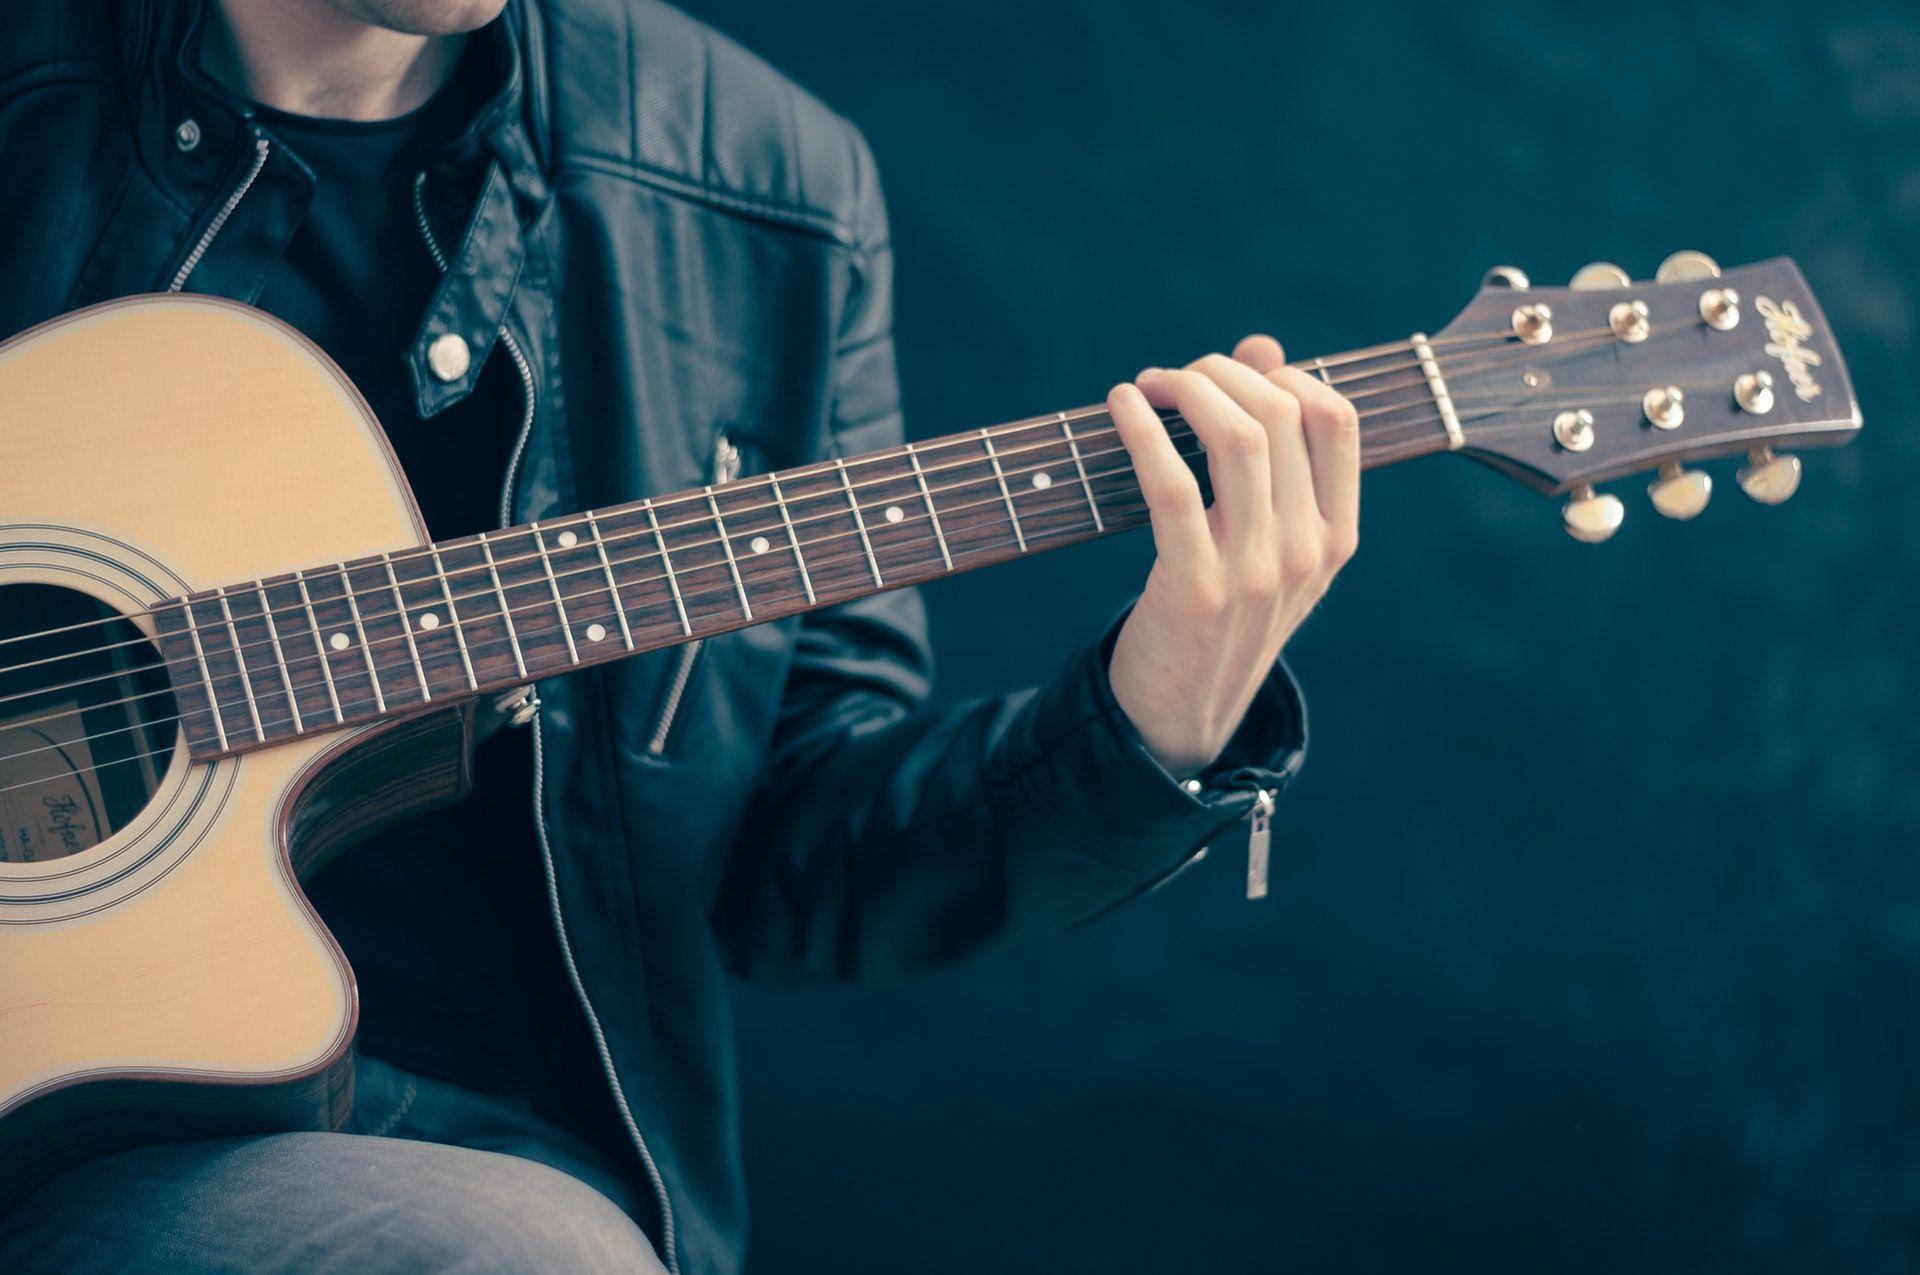 عکس زمینه نواختن گیتار پس زمینه